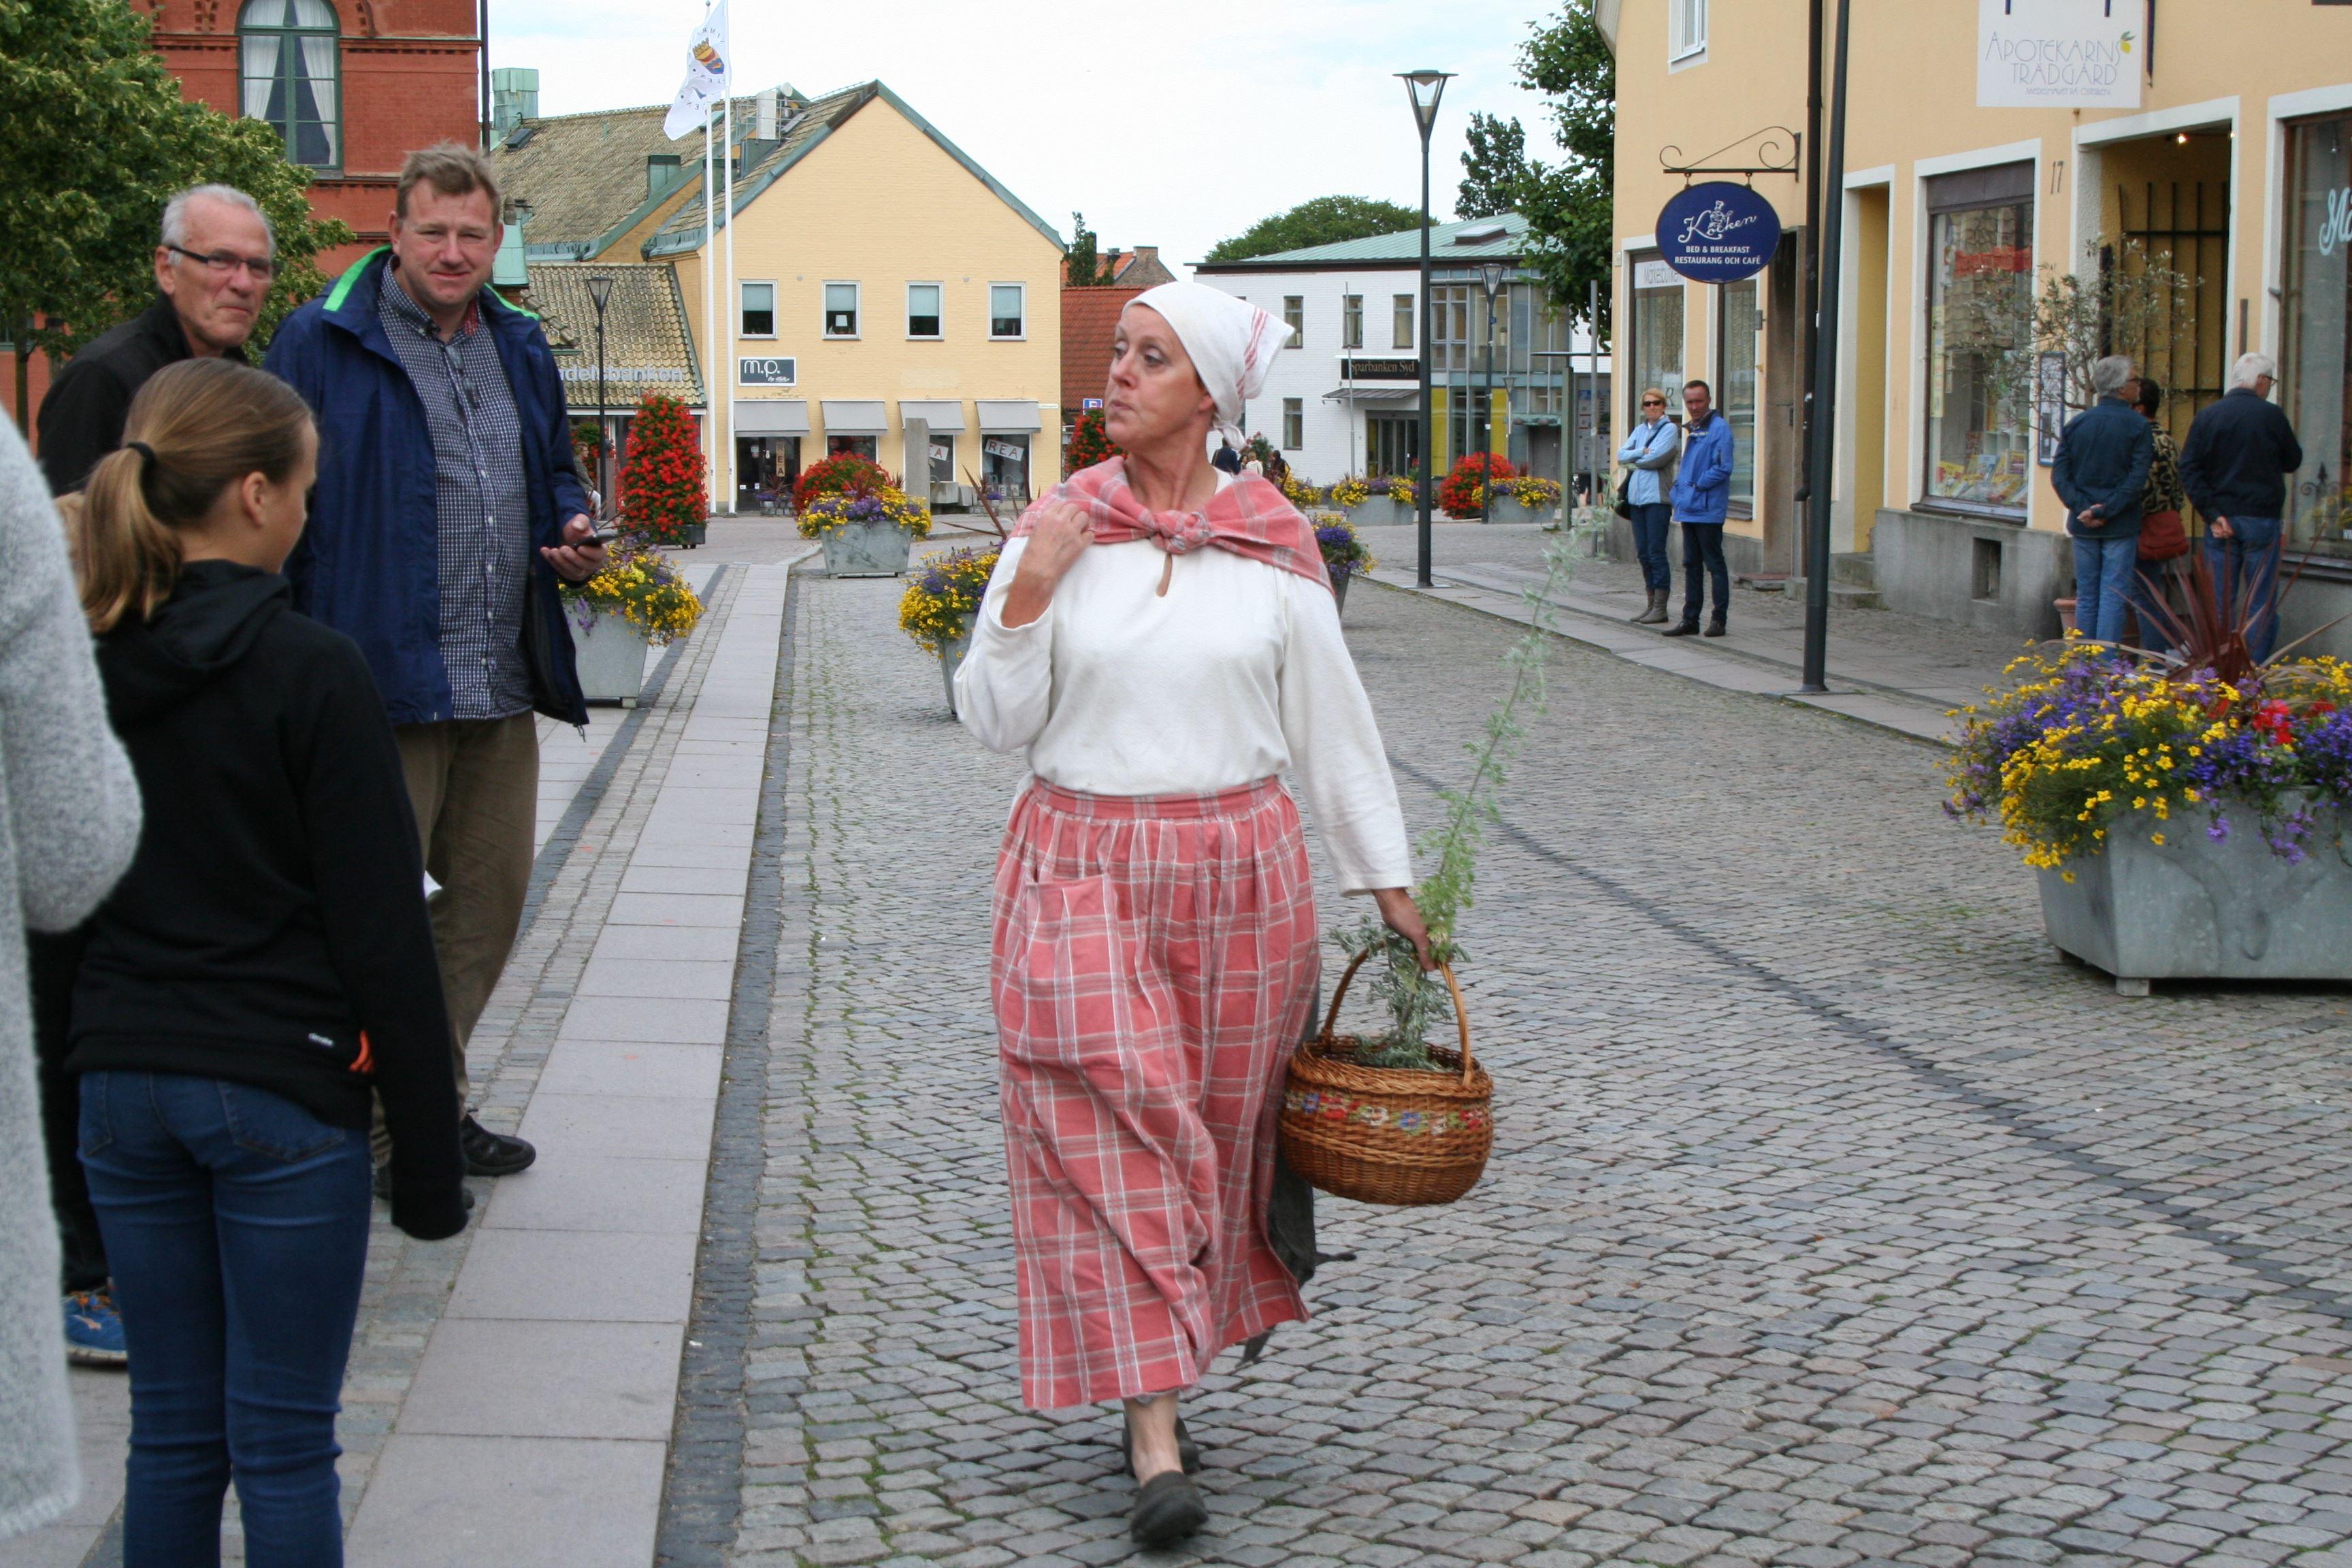 Stadsvandring - Vad hände rådman Möller?